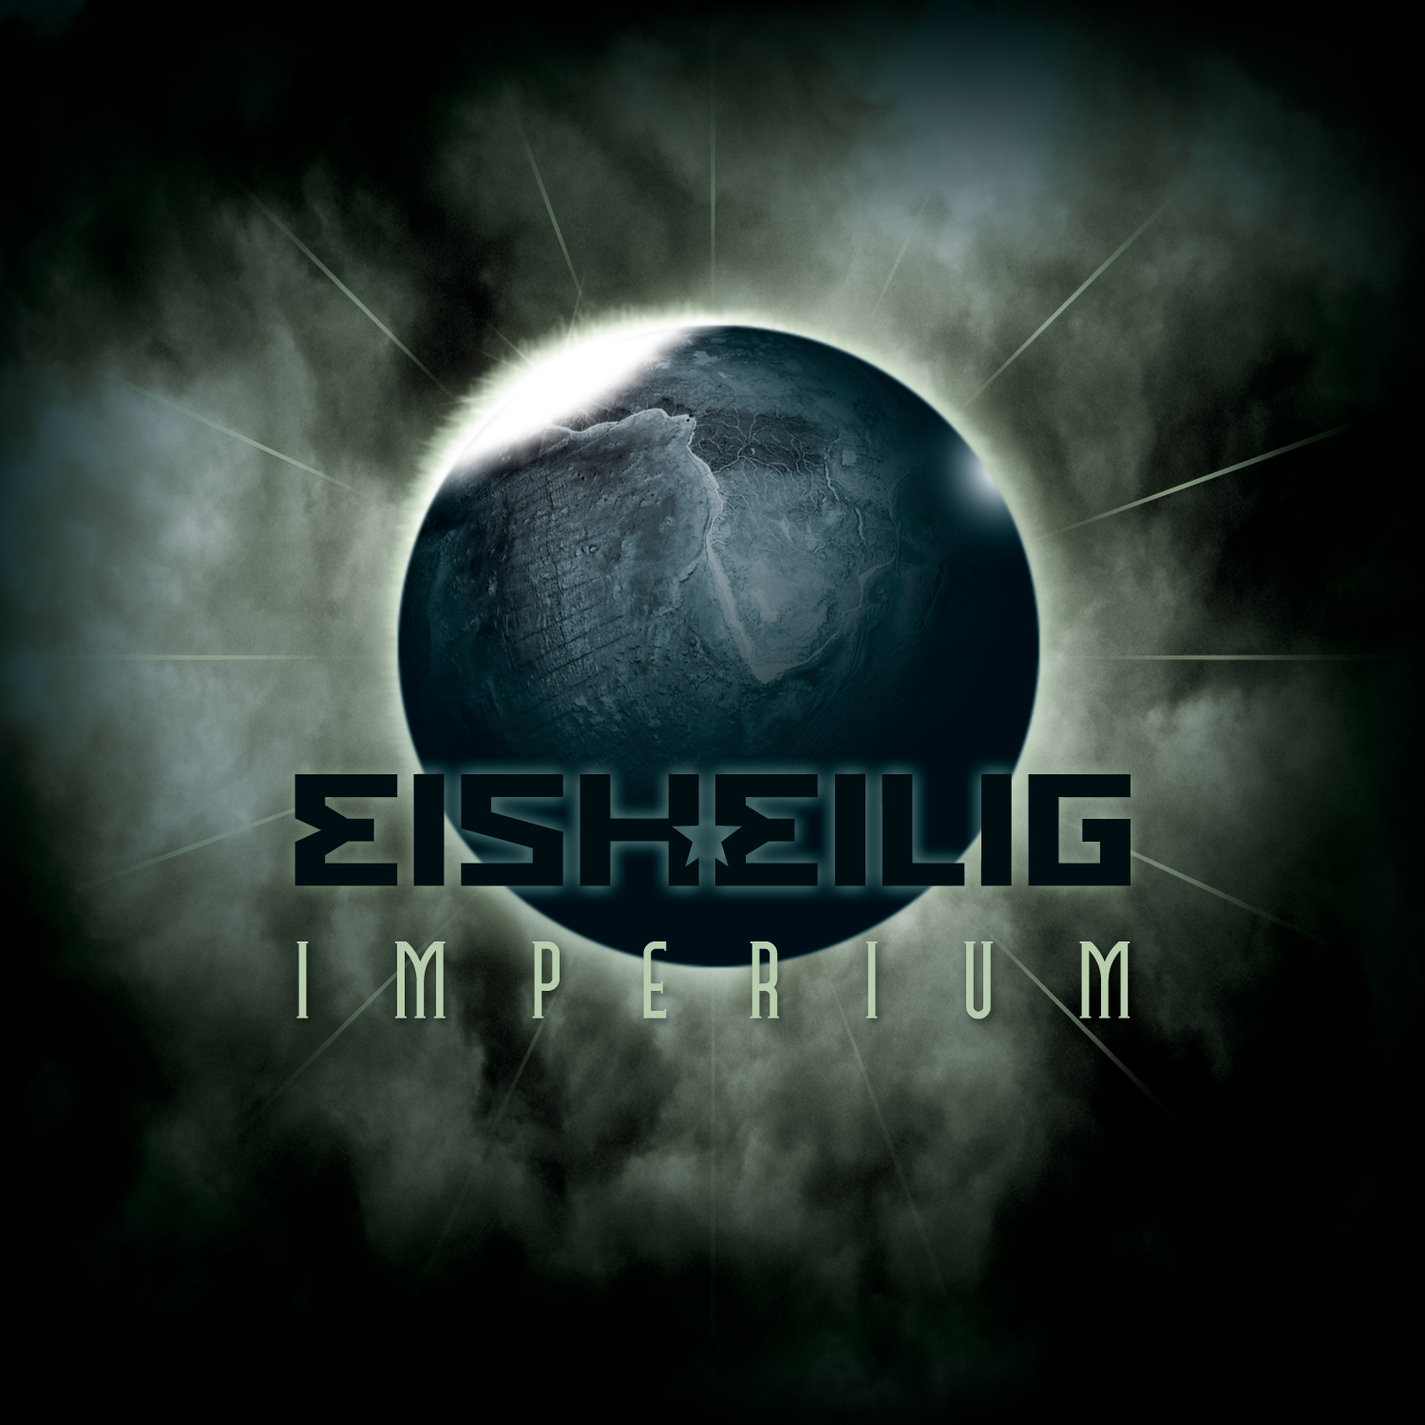 Eisheilig: Imperium (2009) Book Cover